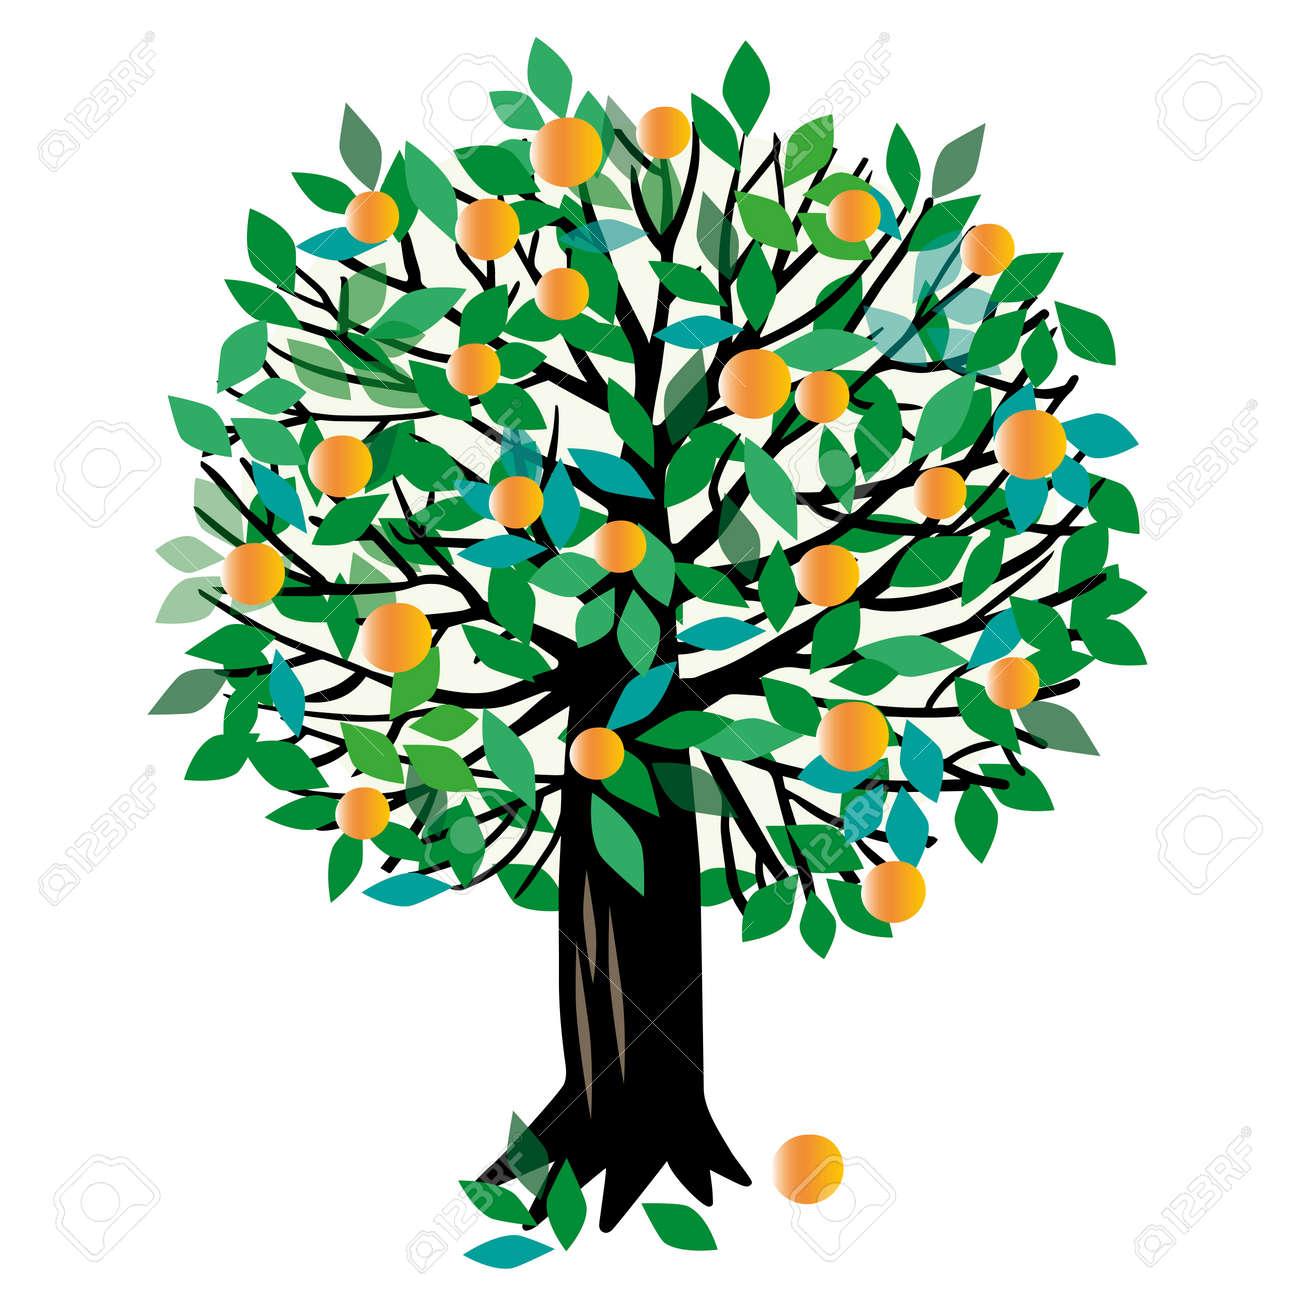 illustration of a fruit tree. Peach tree or Orange tree - 59857004